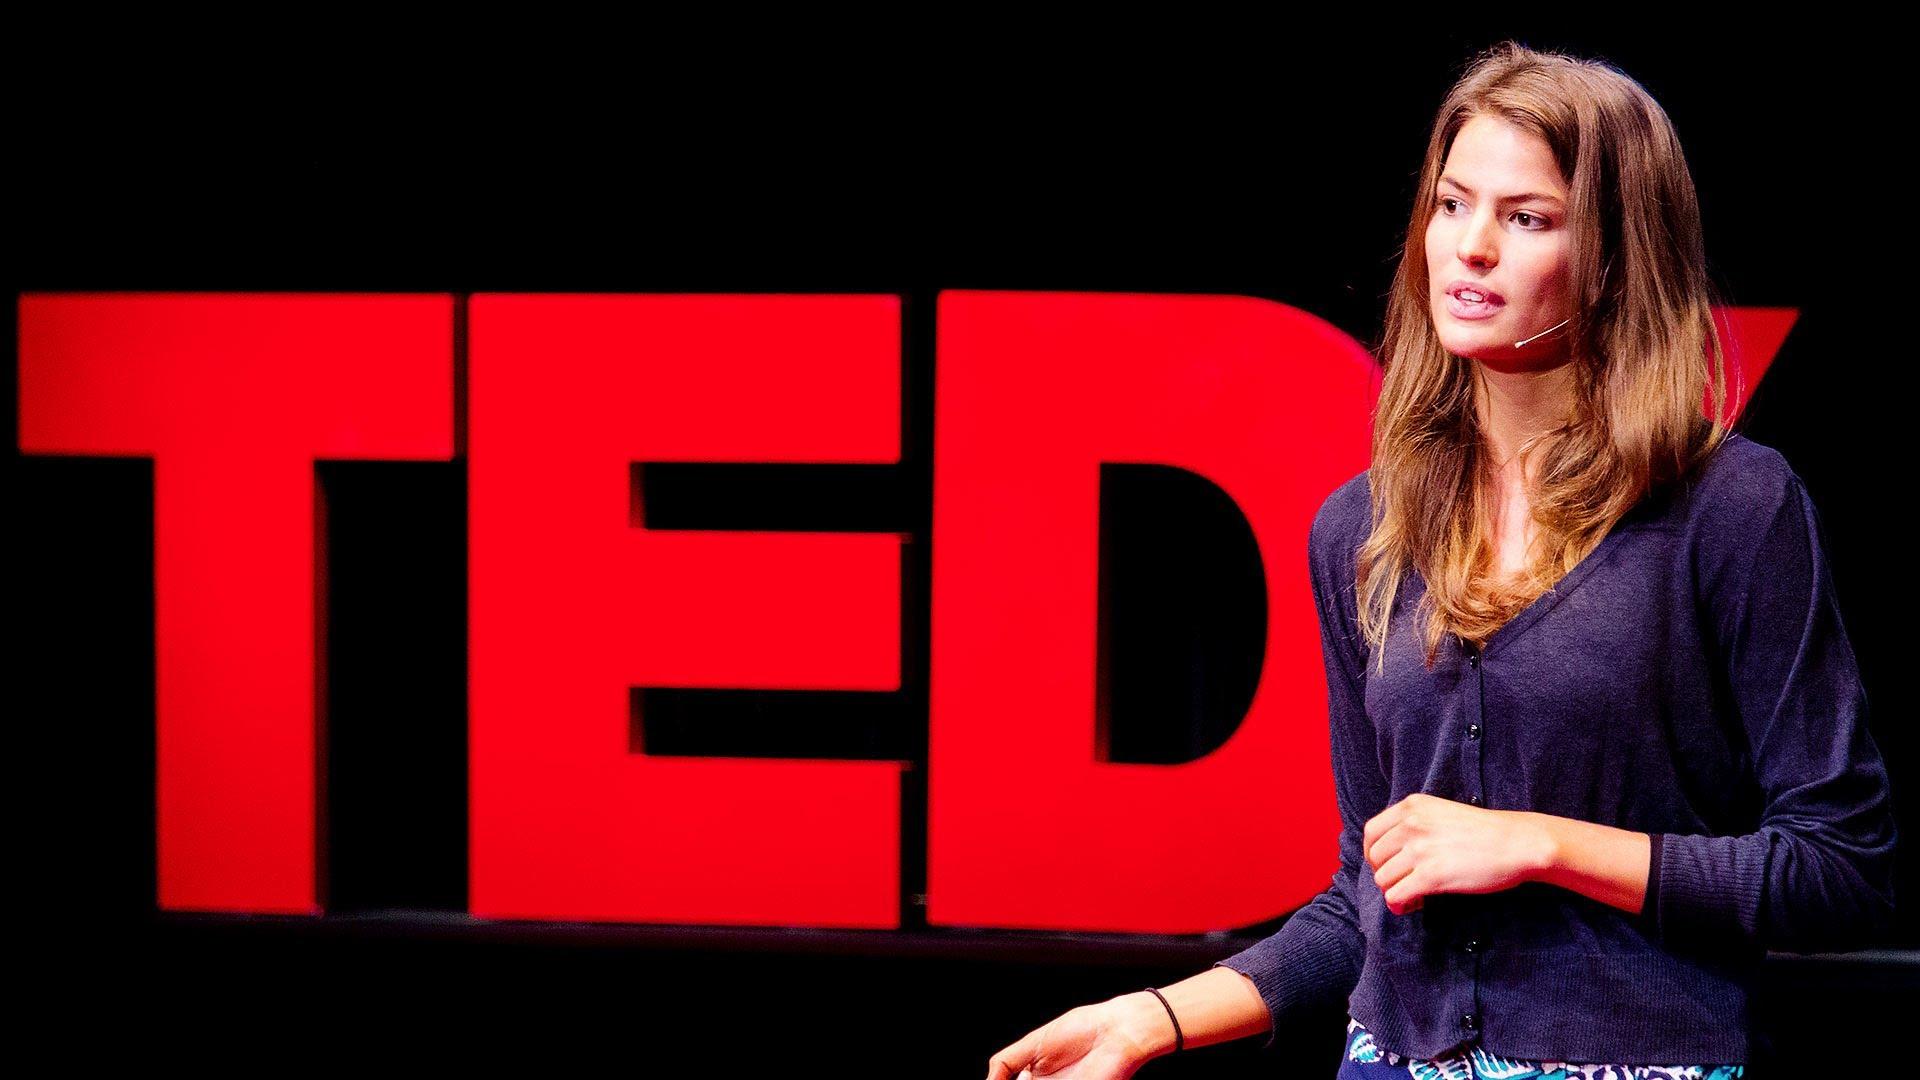 TED TALKS - THIS WEEK - The Grown Up Edit.jpg